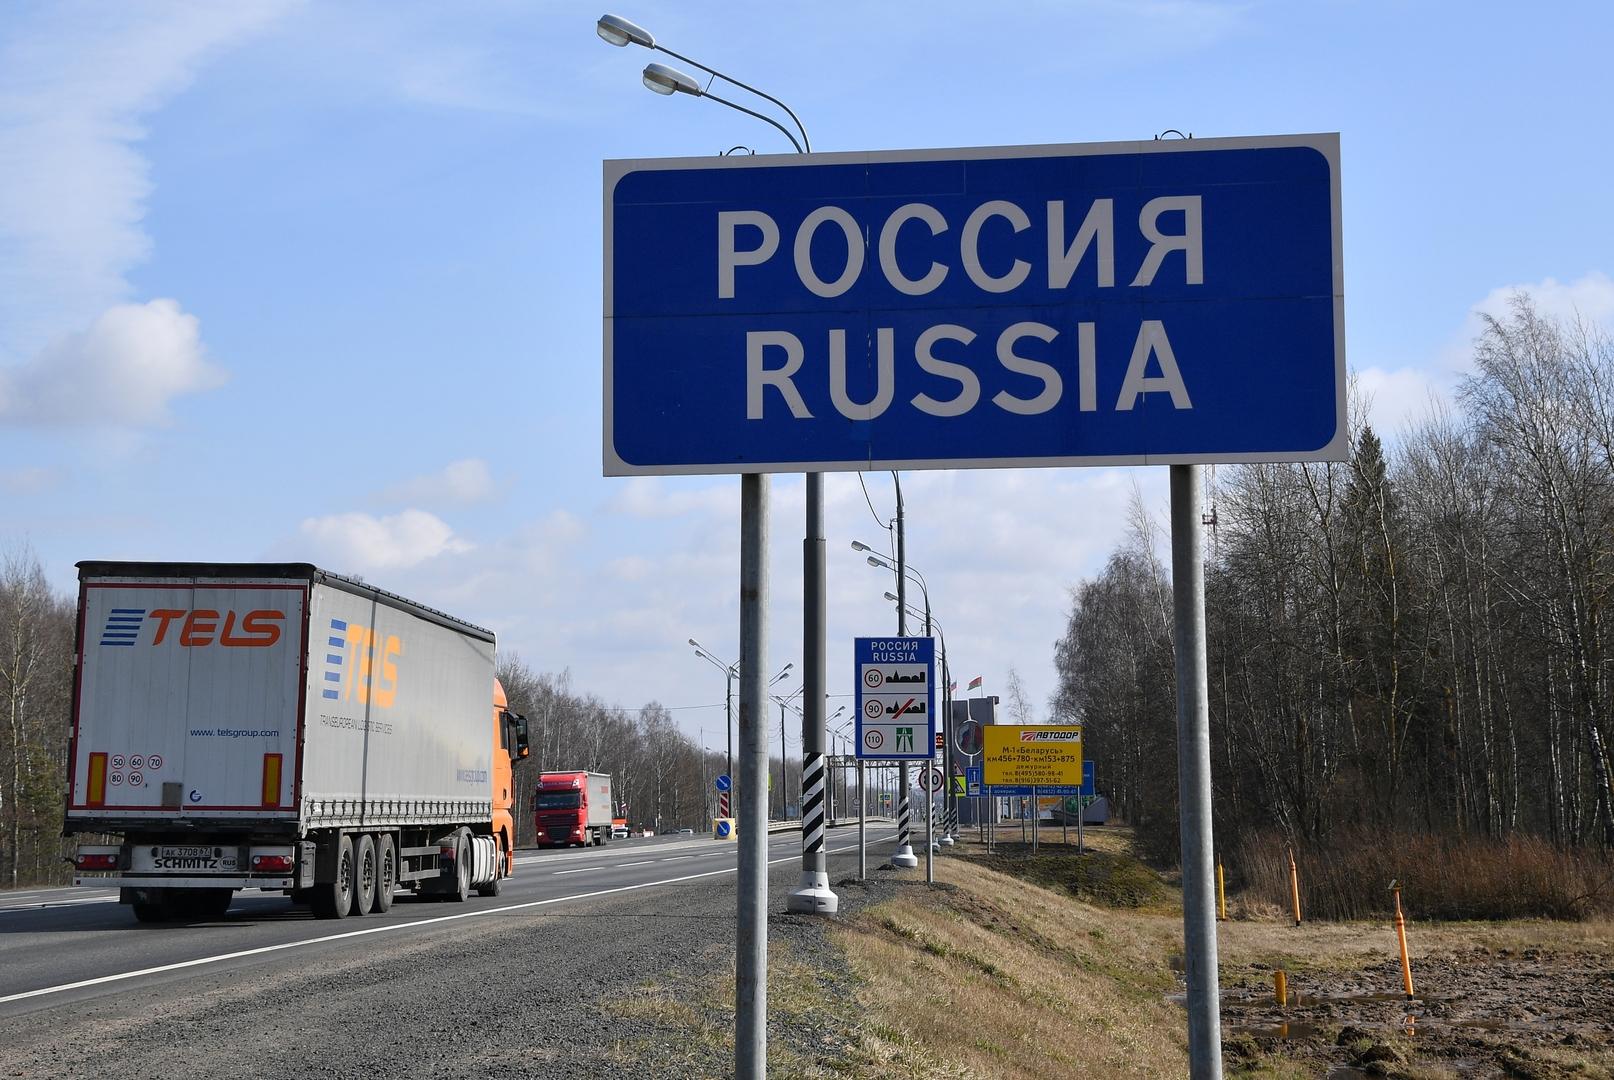 روسيا تعزز الرقابة على الحدود مع بيلاروس